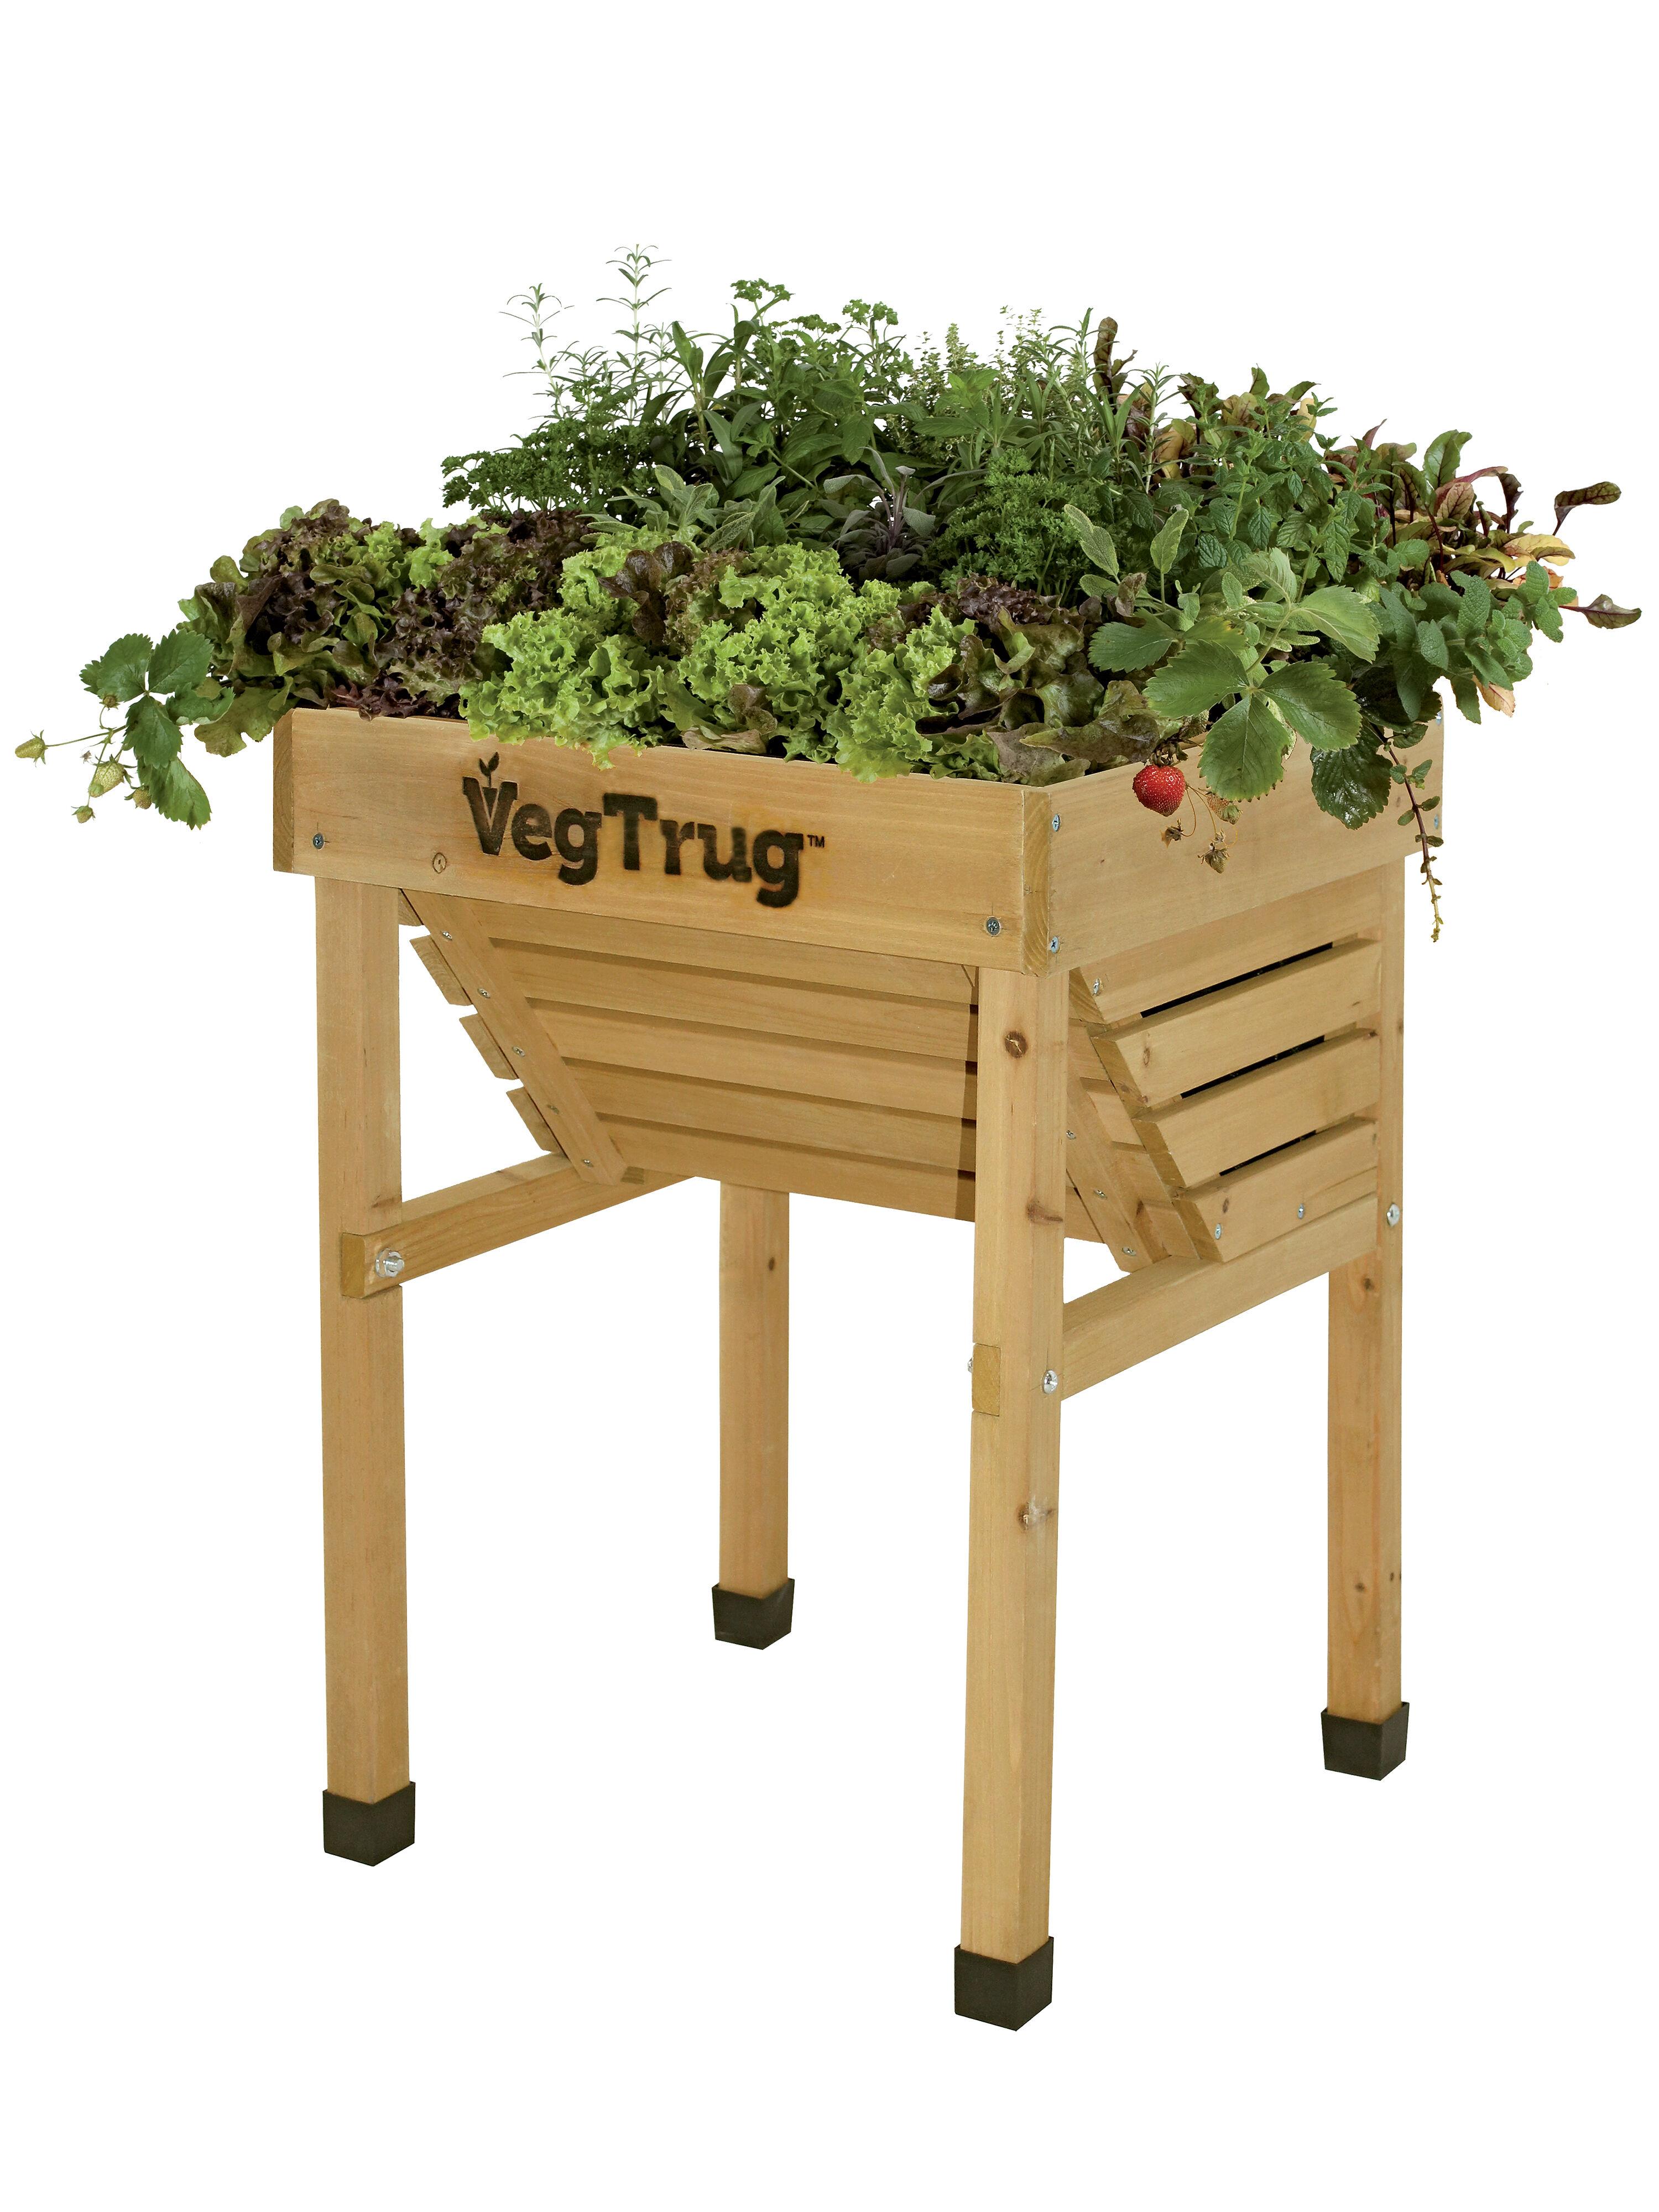 Compact Vegtrug Patio Garden With Covers Gardeners Com